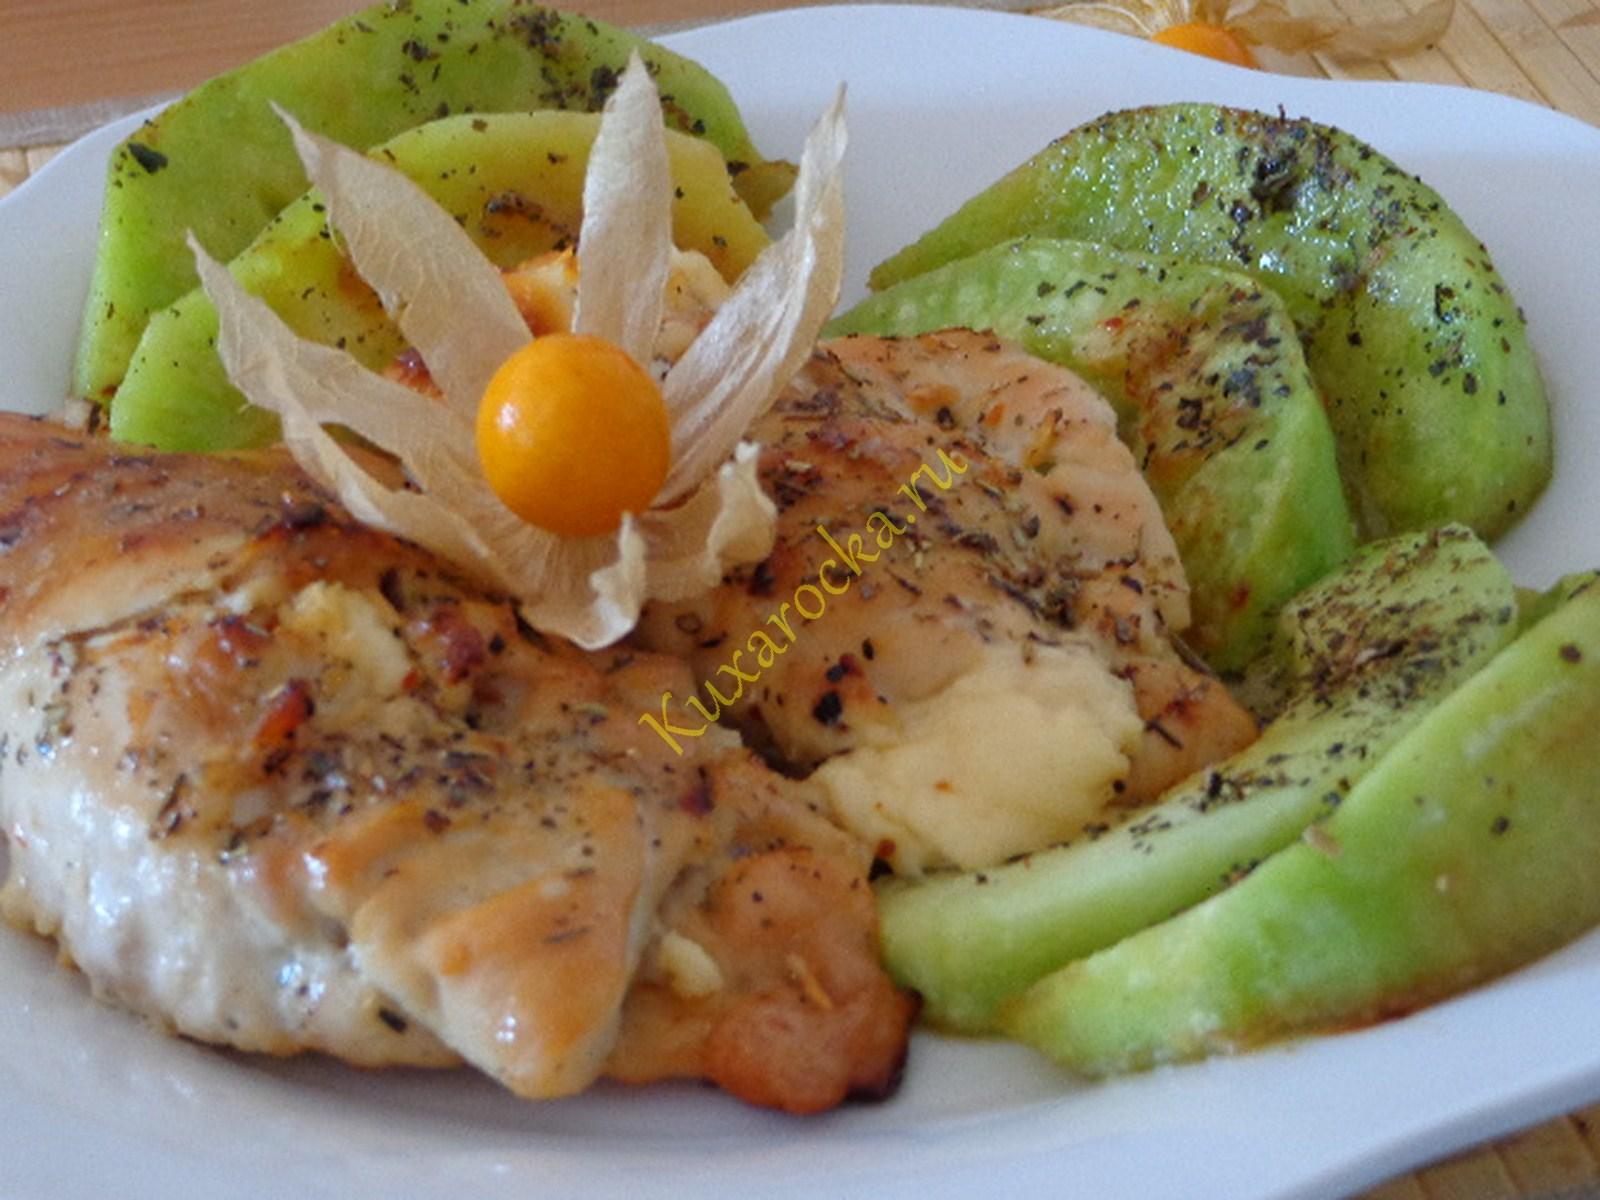 рецепт из курицы грибов плавленного сыра